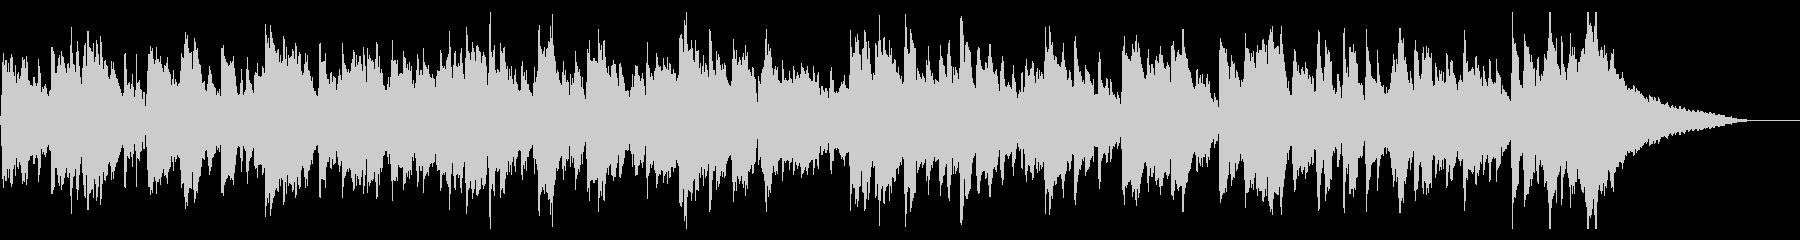 おだやかなレトロフォークバイオリンバンドの未再生の波形